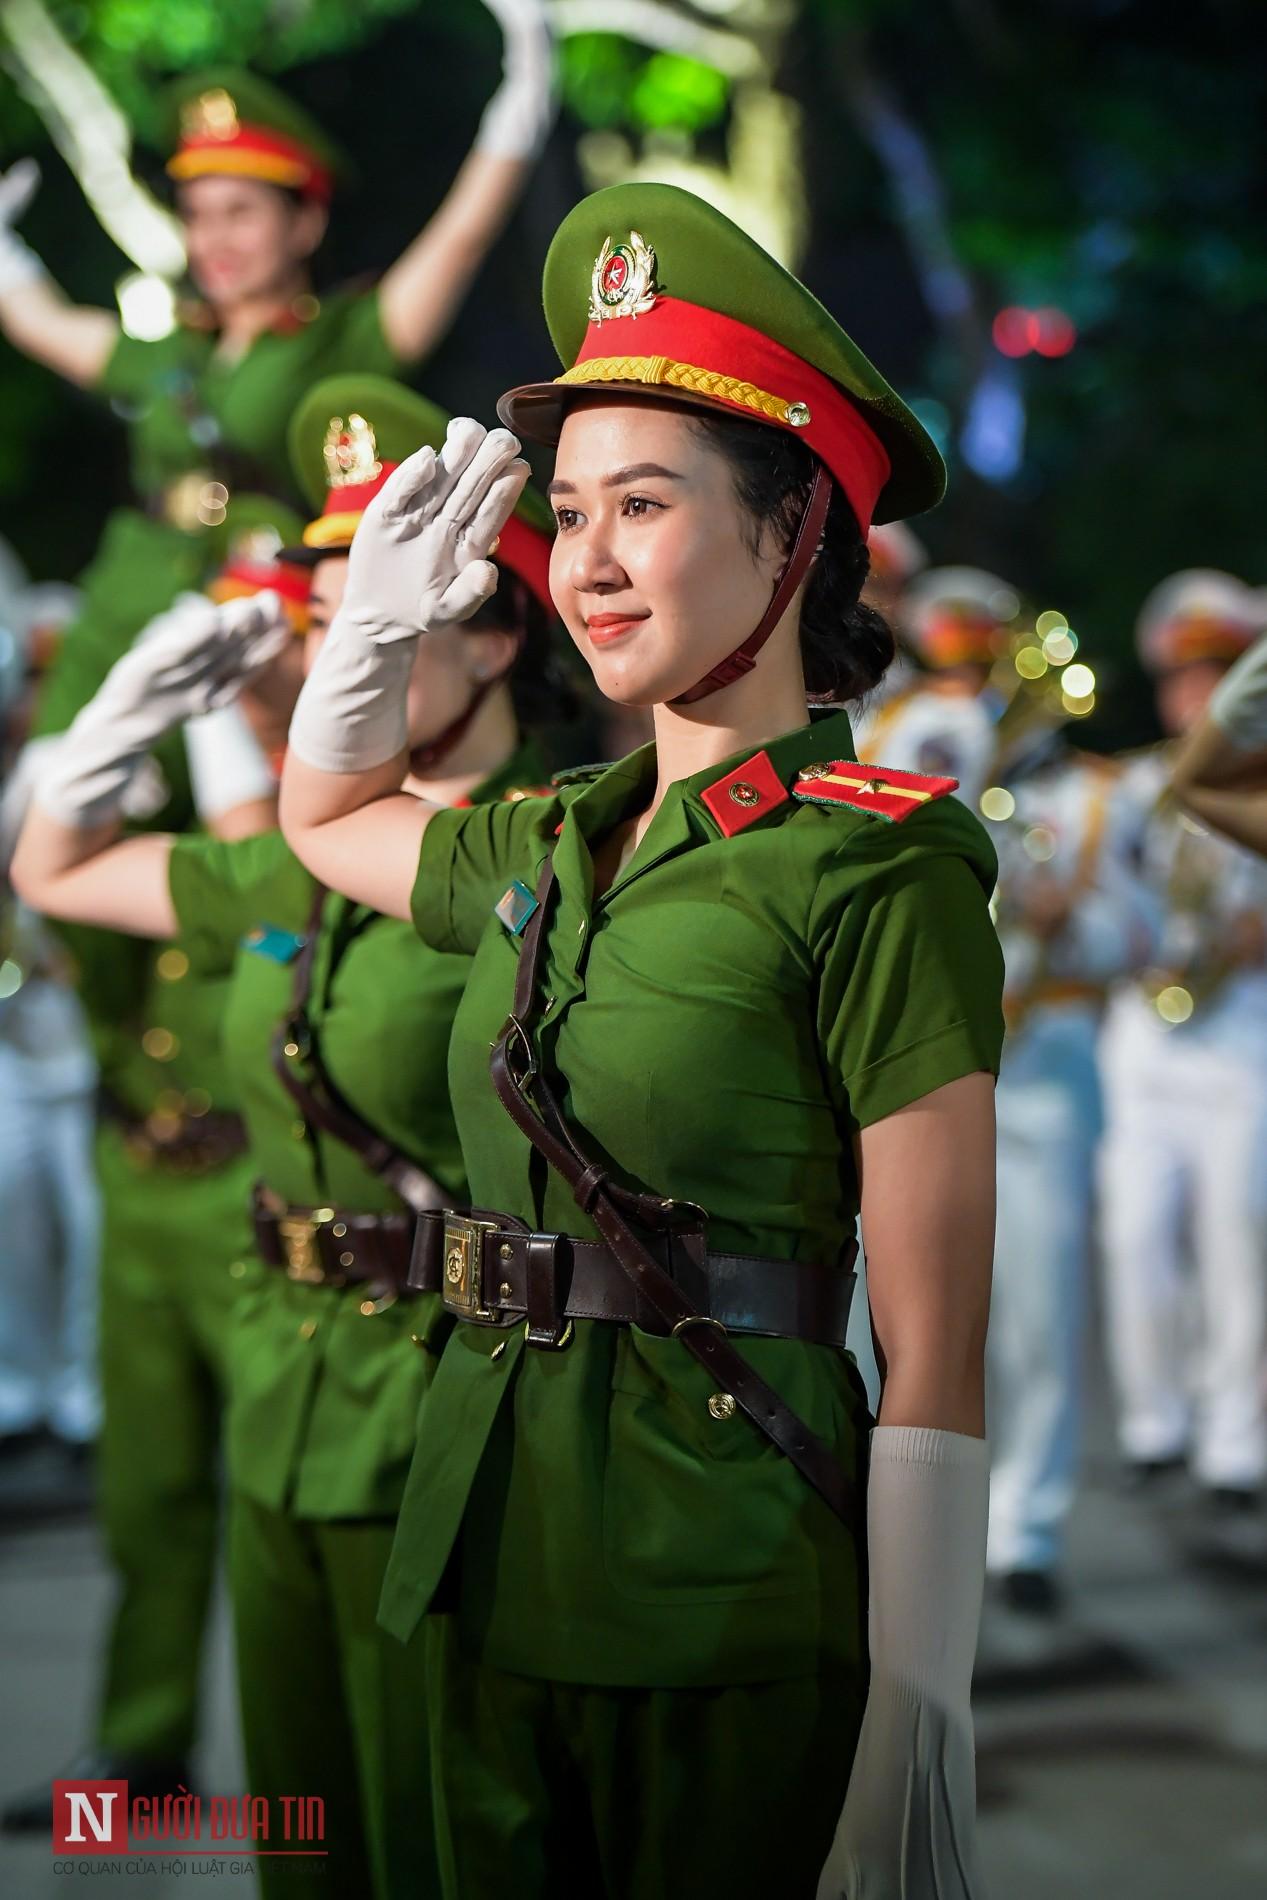 Ngất ngây nhan sắc nữ chiến sĩ Đoàn nghi lễ Bộ Công An 9